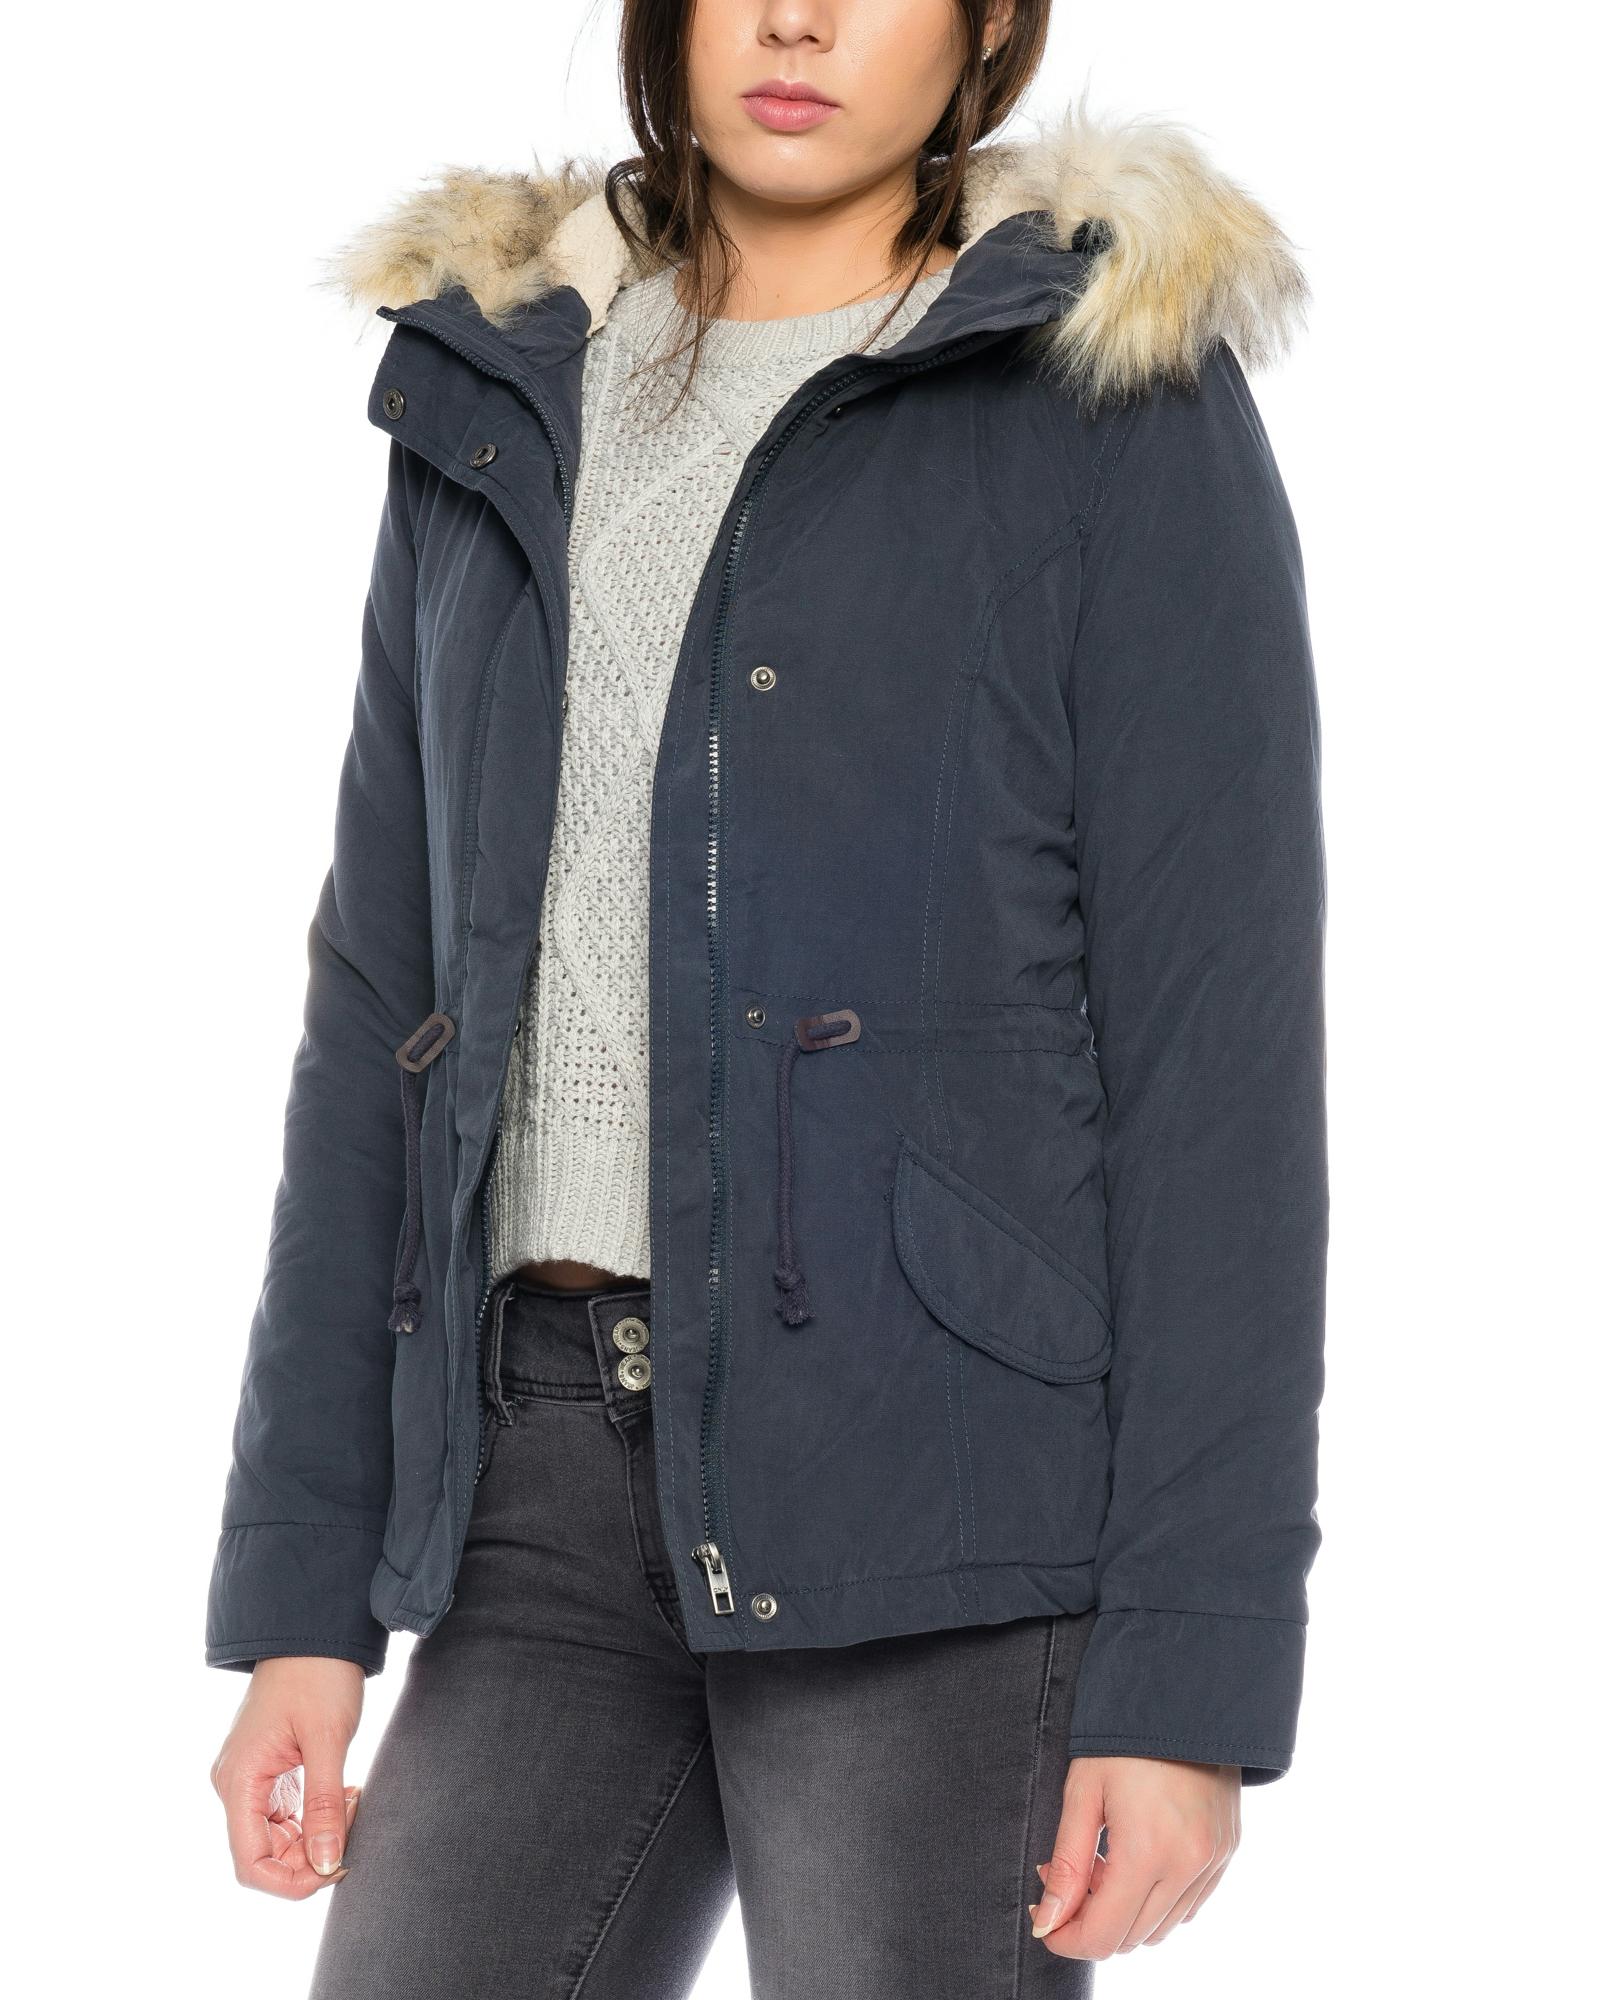 Only damen winterjacke lucca short parka jacket